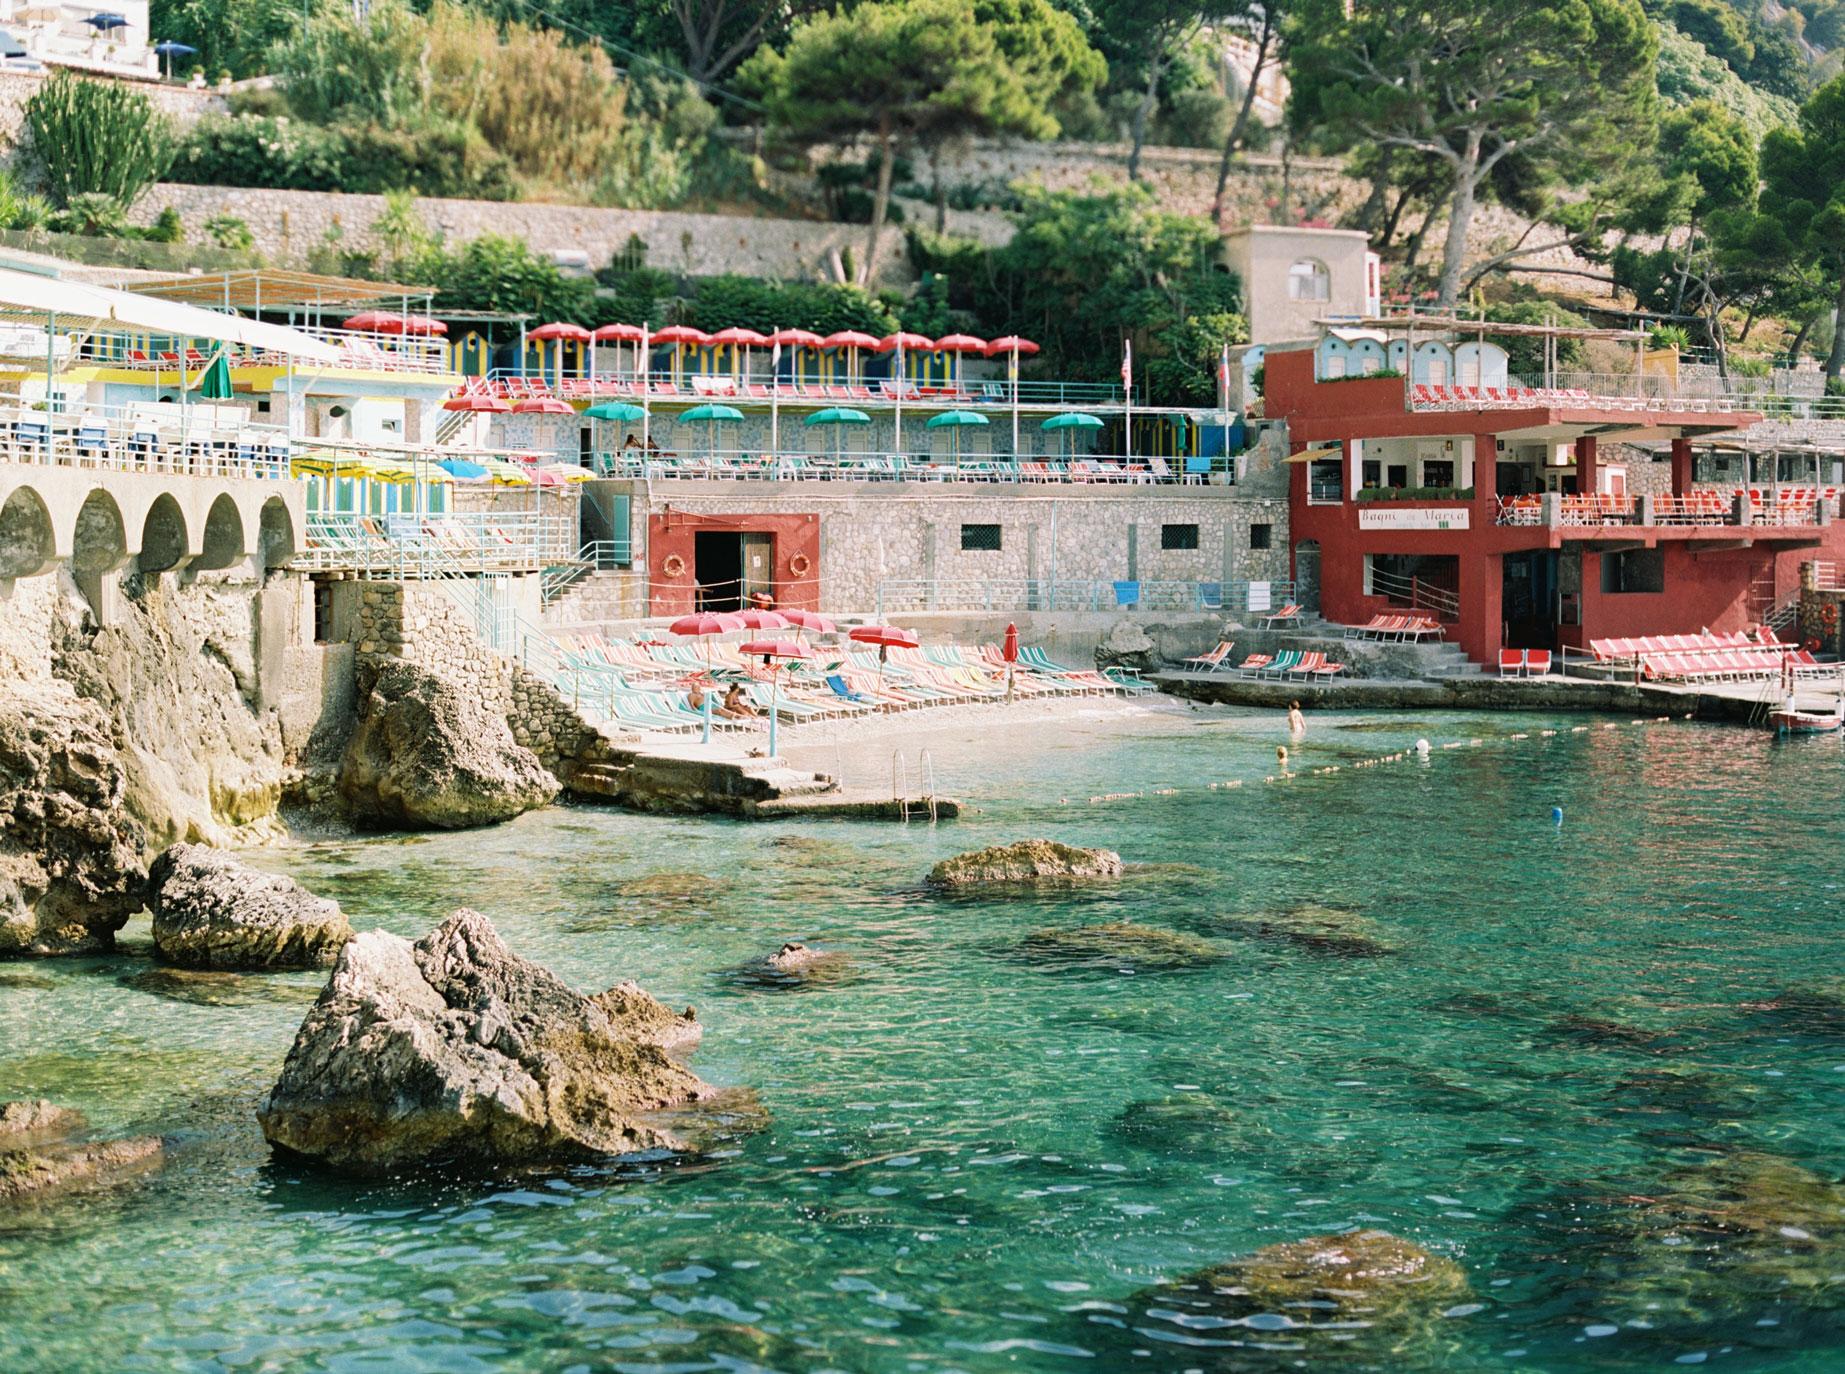 Hotel Ambassador in Capri, Italy by Shannon Skloss Photography